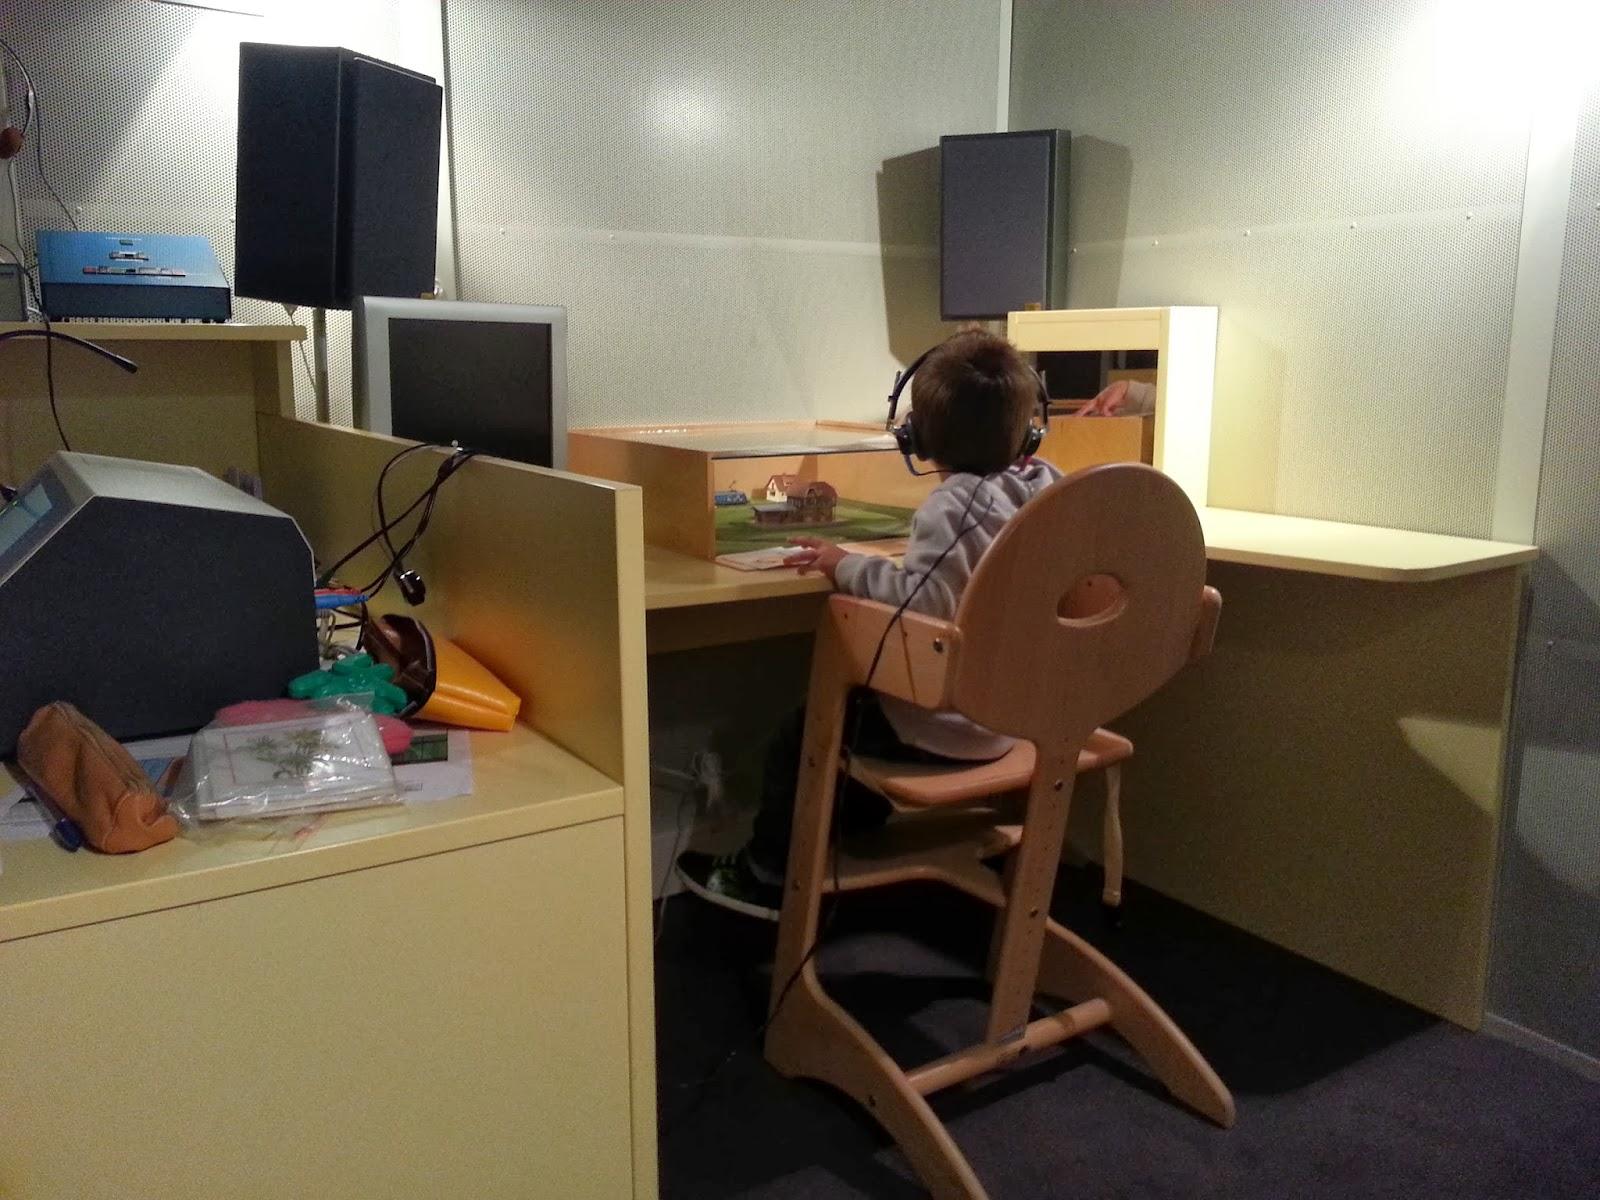 faire tester l 39 audition de son enfant de 3 ans m man imparfaite. Black Bedroom Furniture Sets. Home Design Ideas